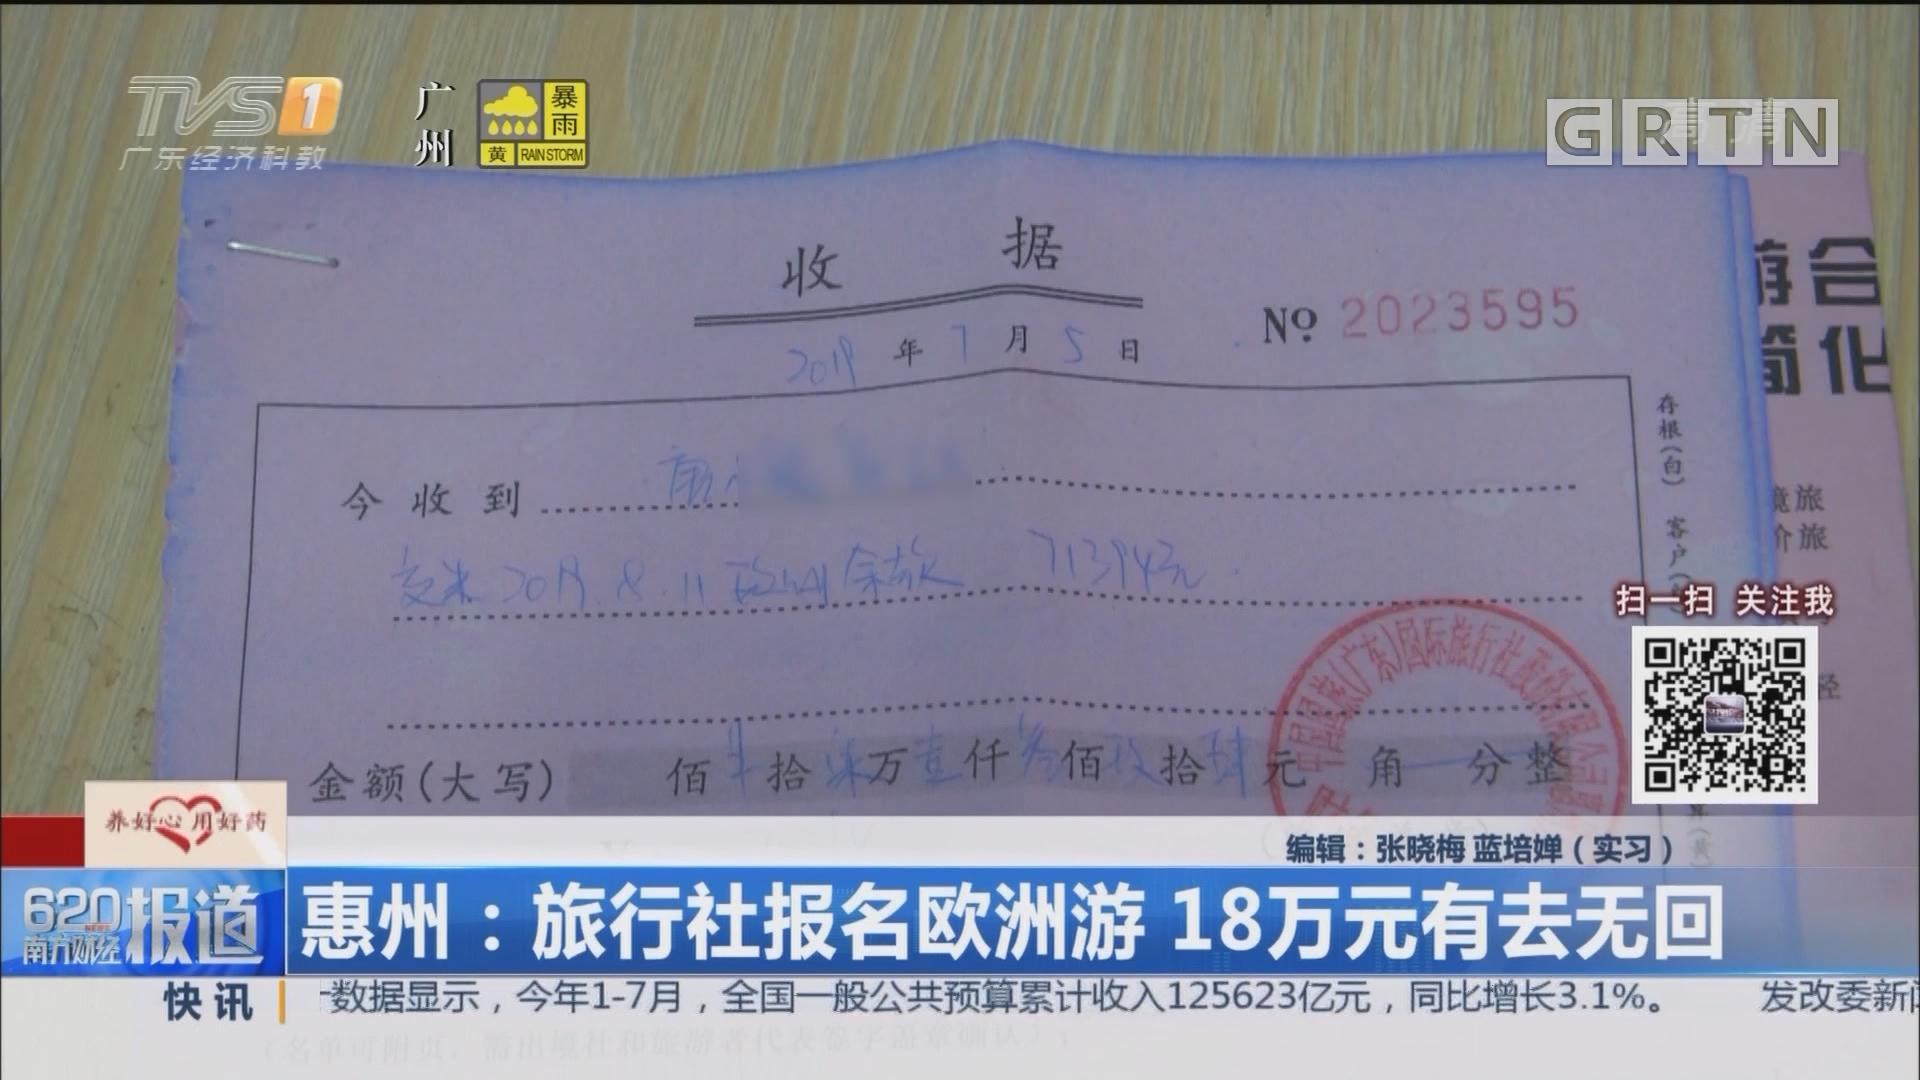 惠州:旅行社报名欧洲游 18万元有去无回